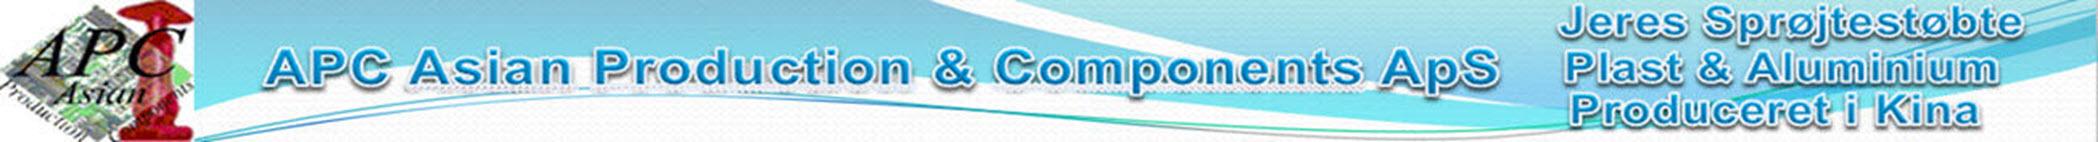 Vakuumformning, Plaststøbning, Sprøjtestøbning,  Rotationsstøbning af Plastemner